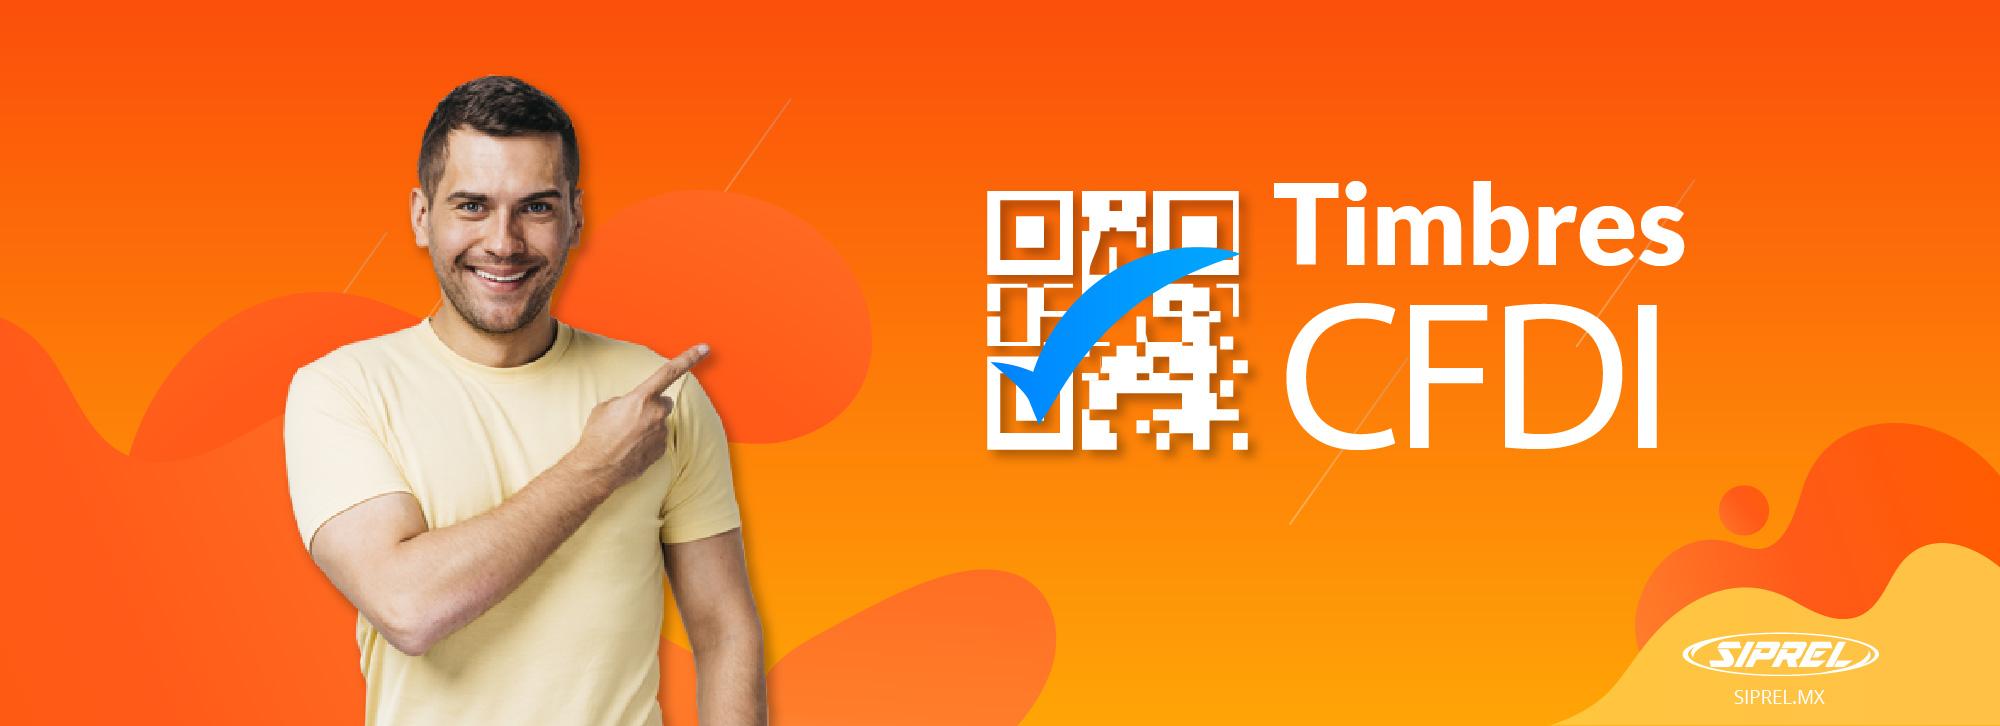 Haz negocio vendiendo timbres CFDI, Recibe la comisión adicional del 10% en tiempo aire al vender este producto